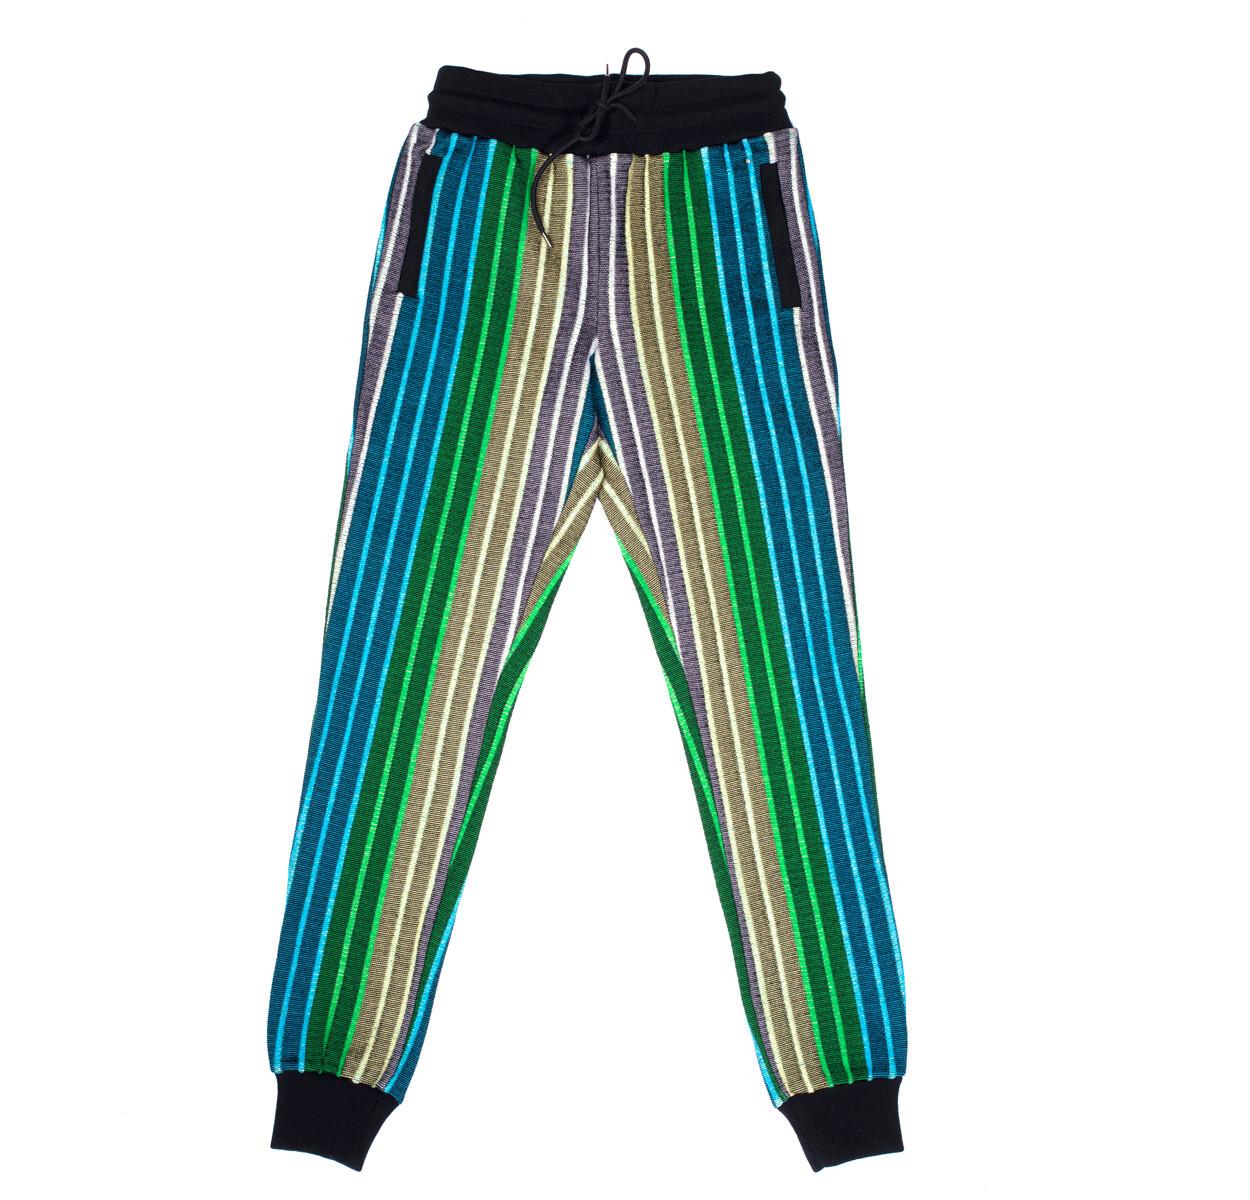 RADICAL GREEN (Trouser)